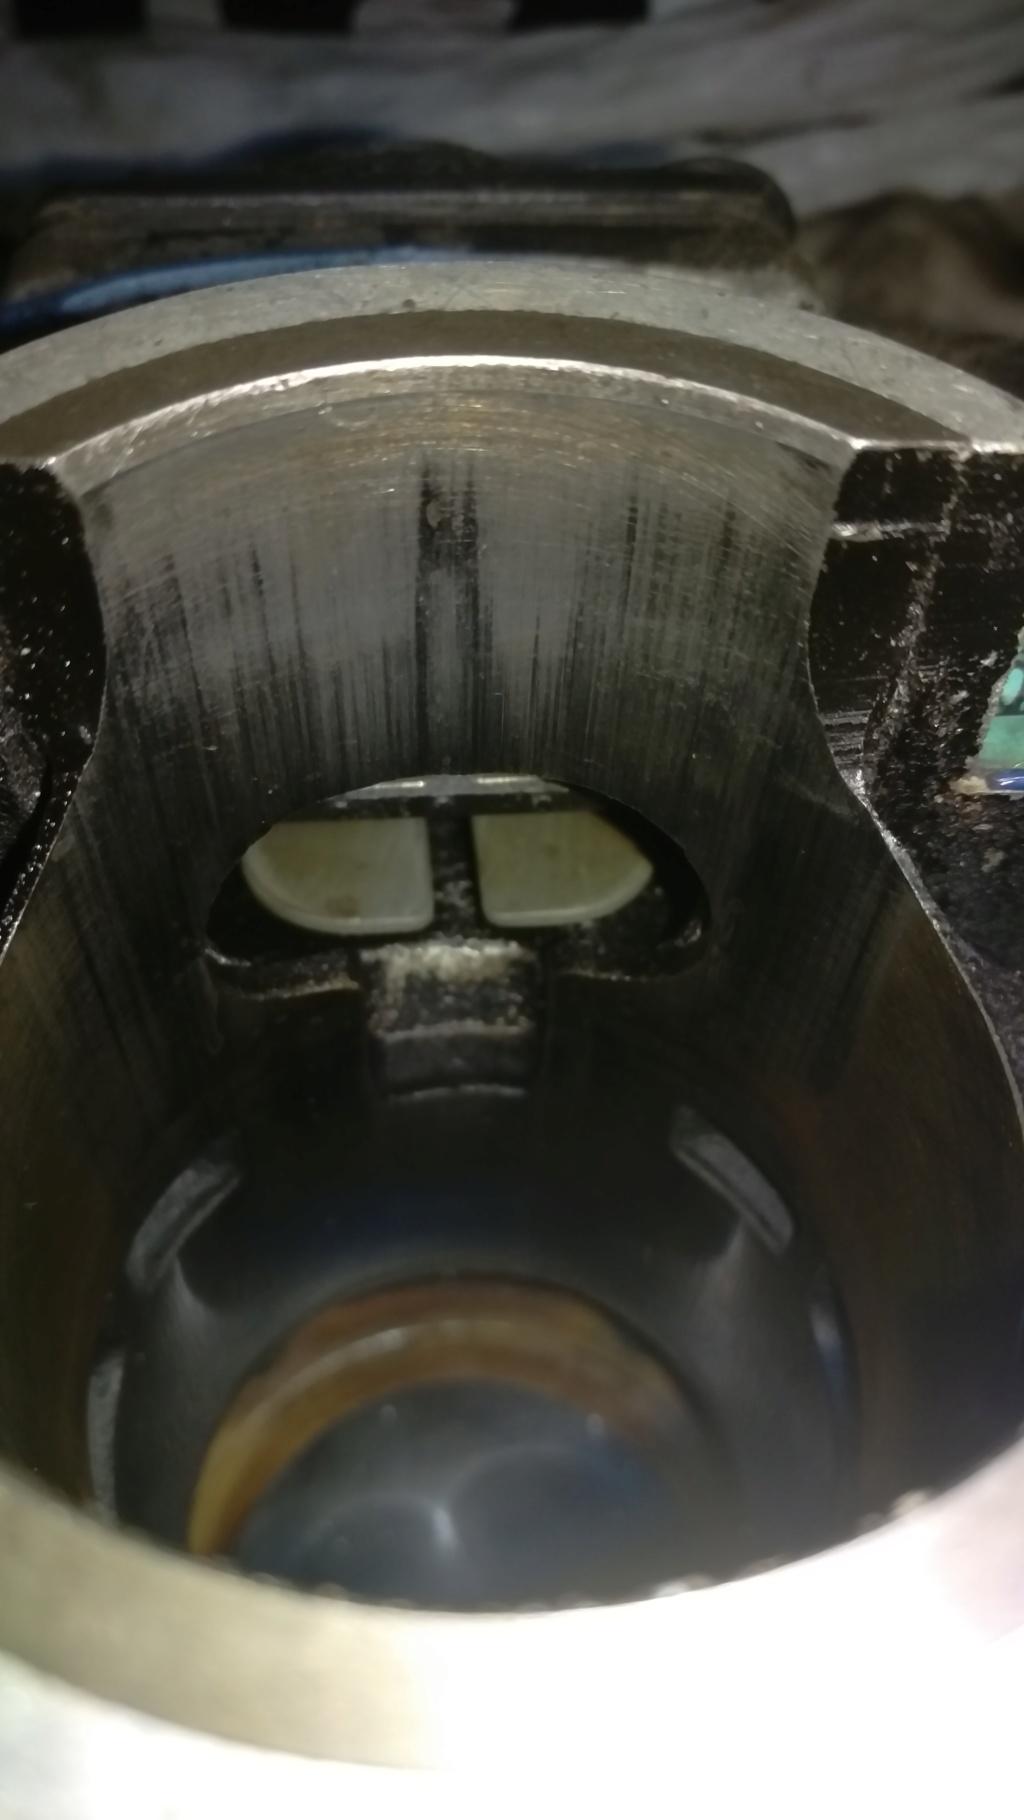 restauration moteur 125 DTMX 1979 Imag0213